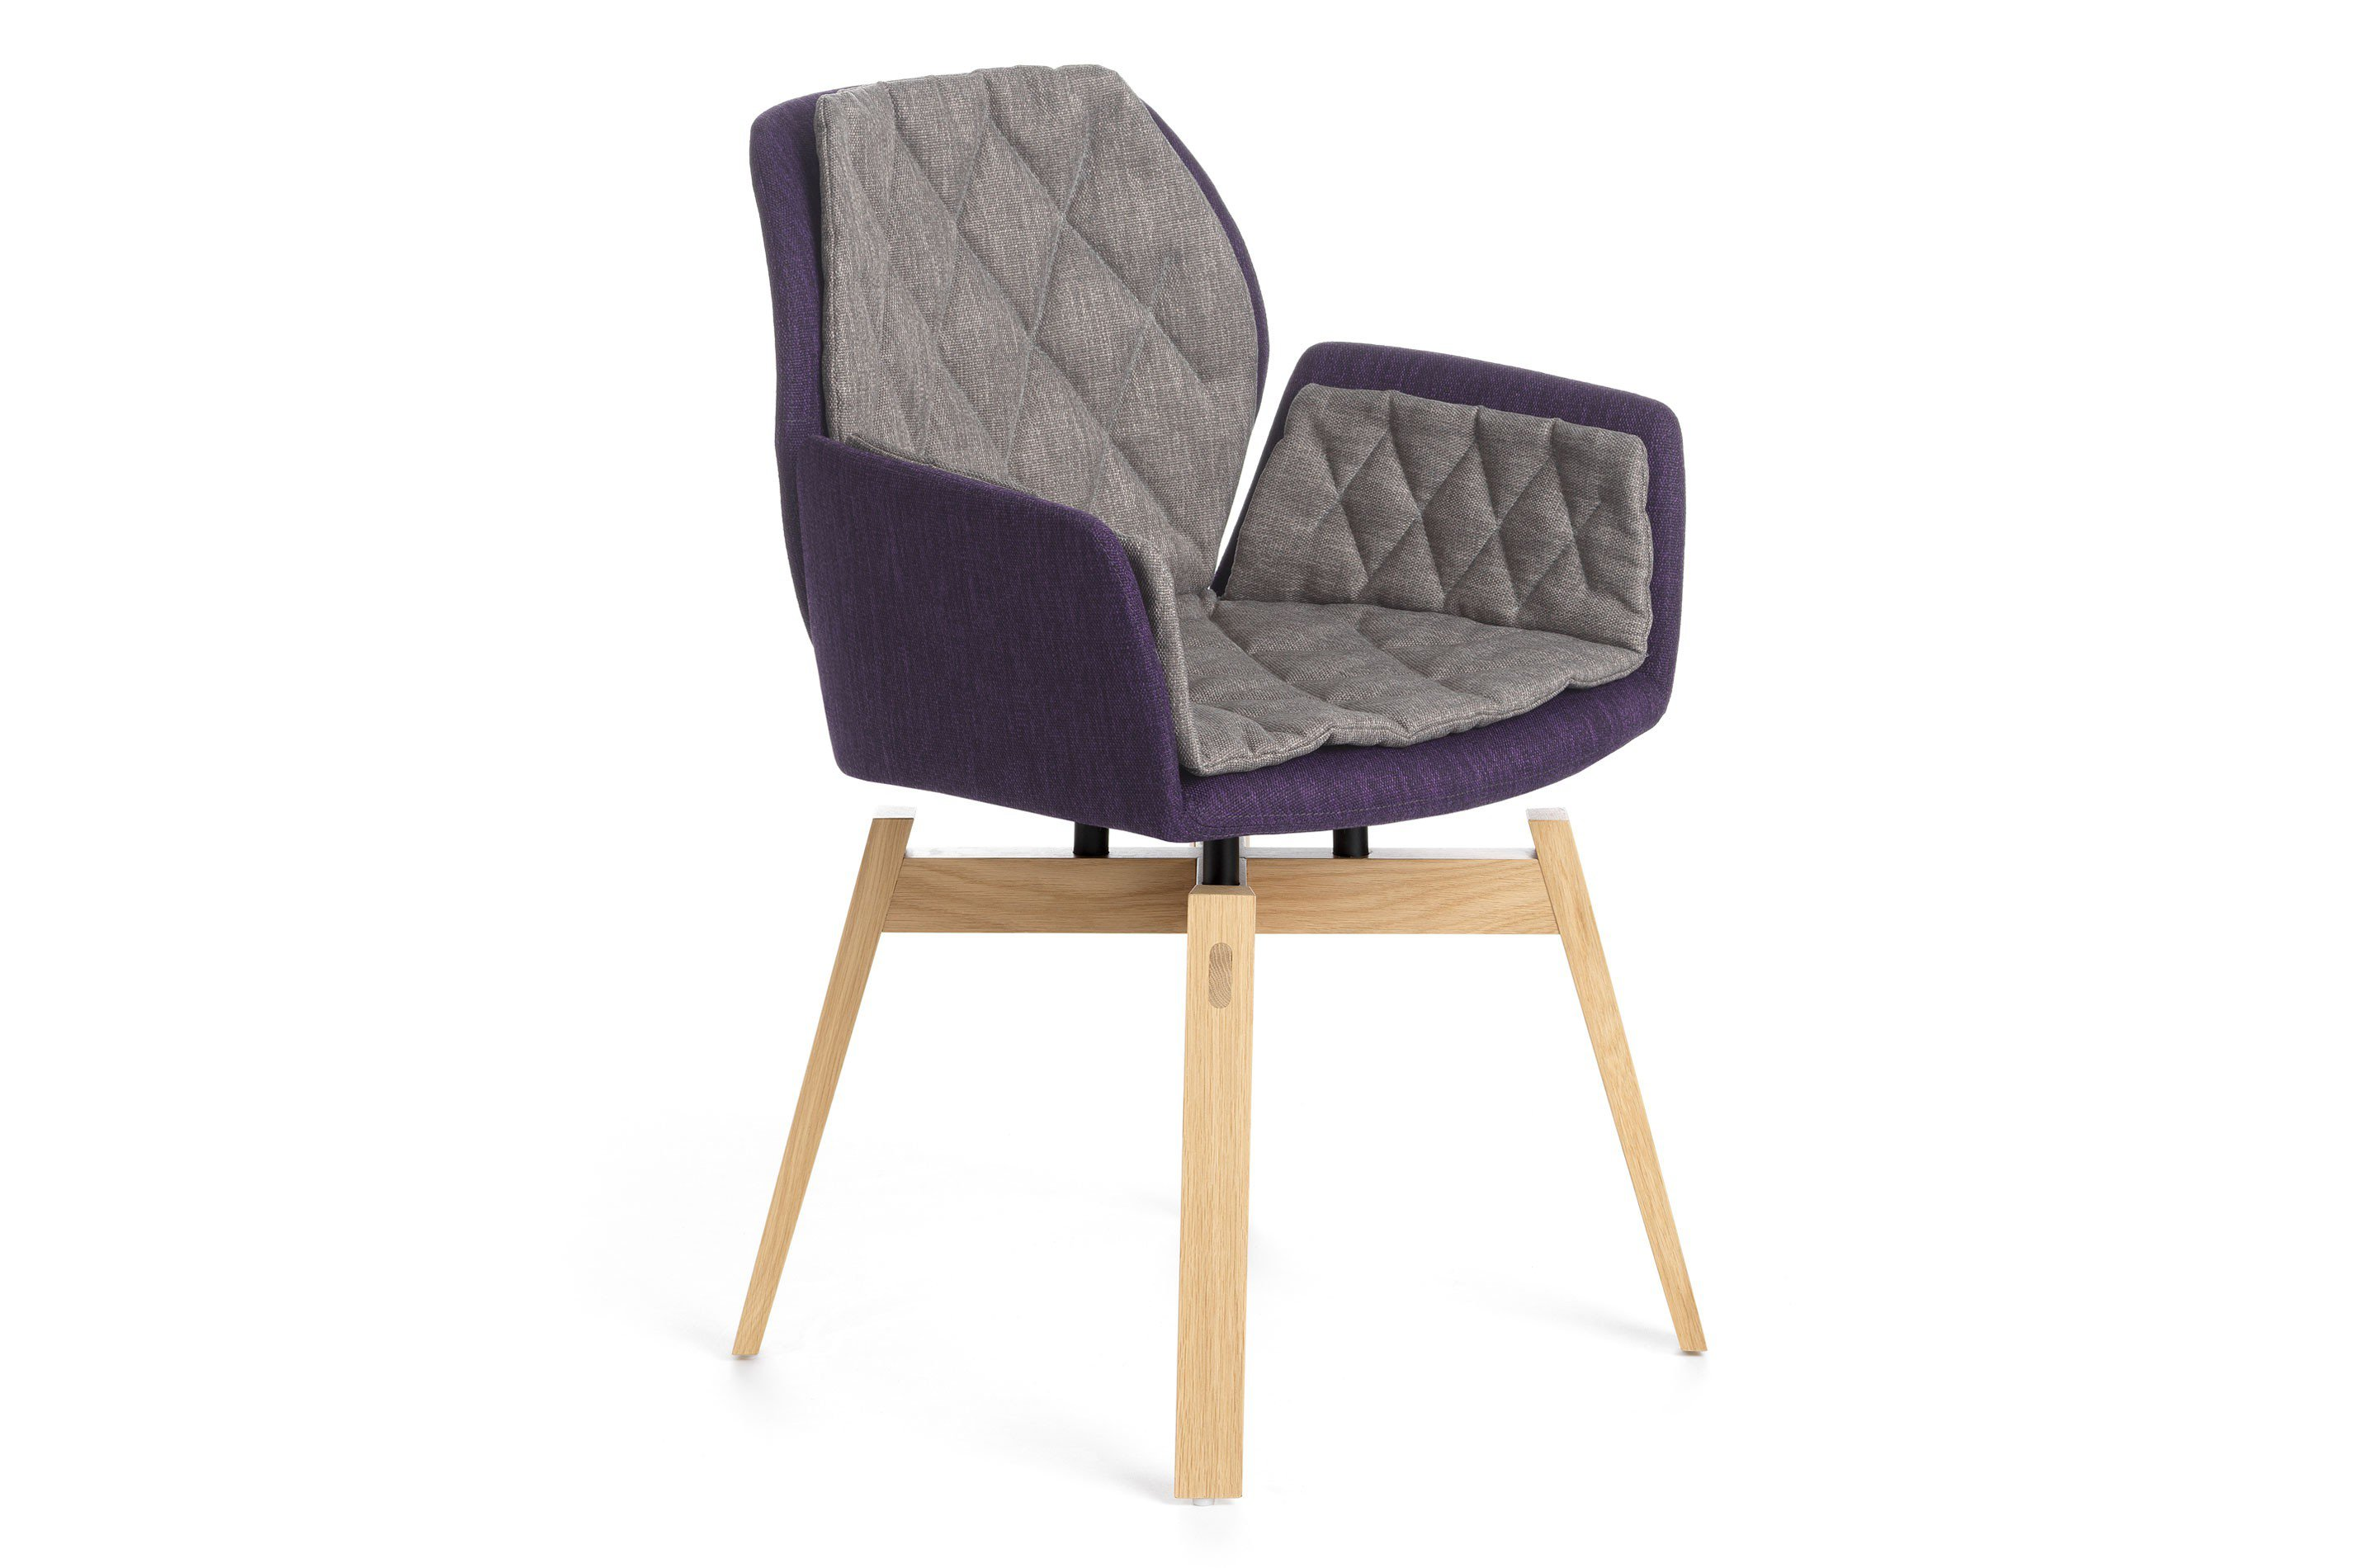 mobitec stuhl mood 97 bi eiche grey lila m bel letz ihr online shop. Black Bedroom Furniture Sets. Home Design Ideas